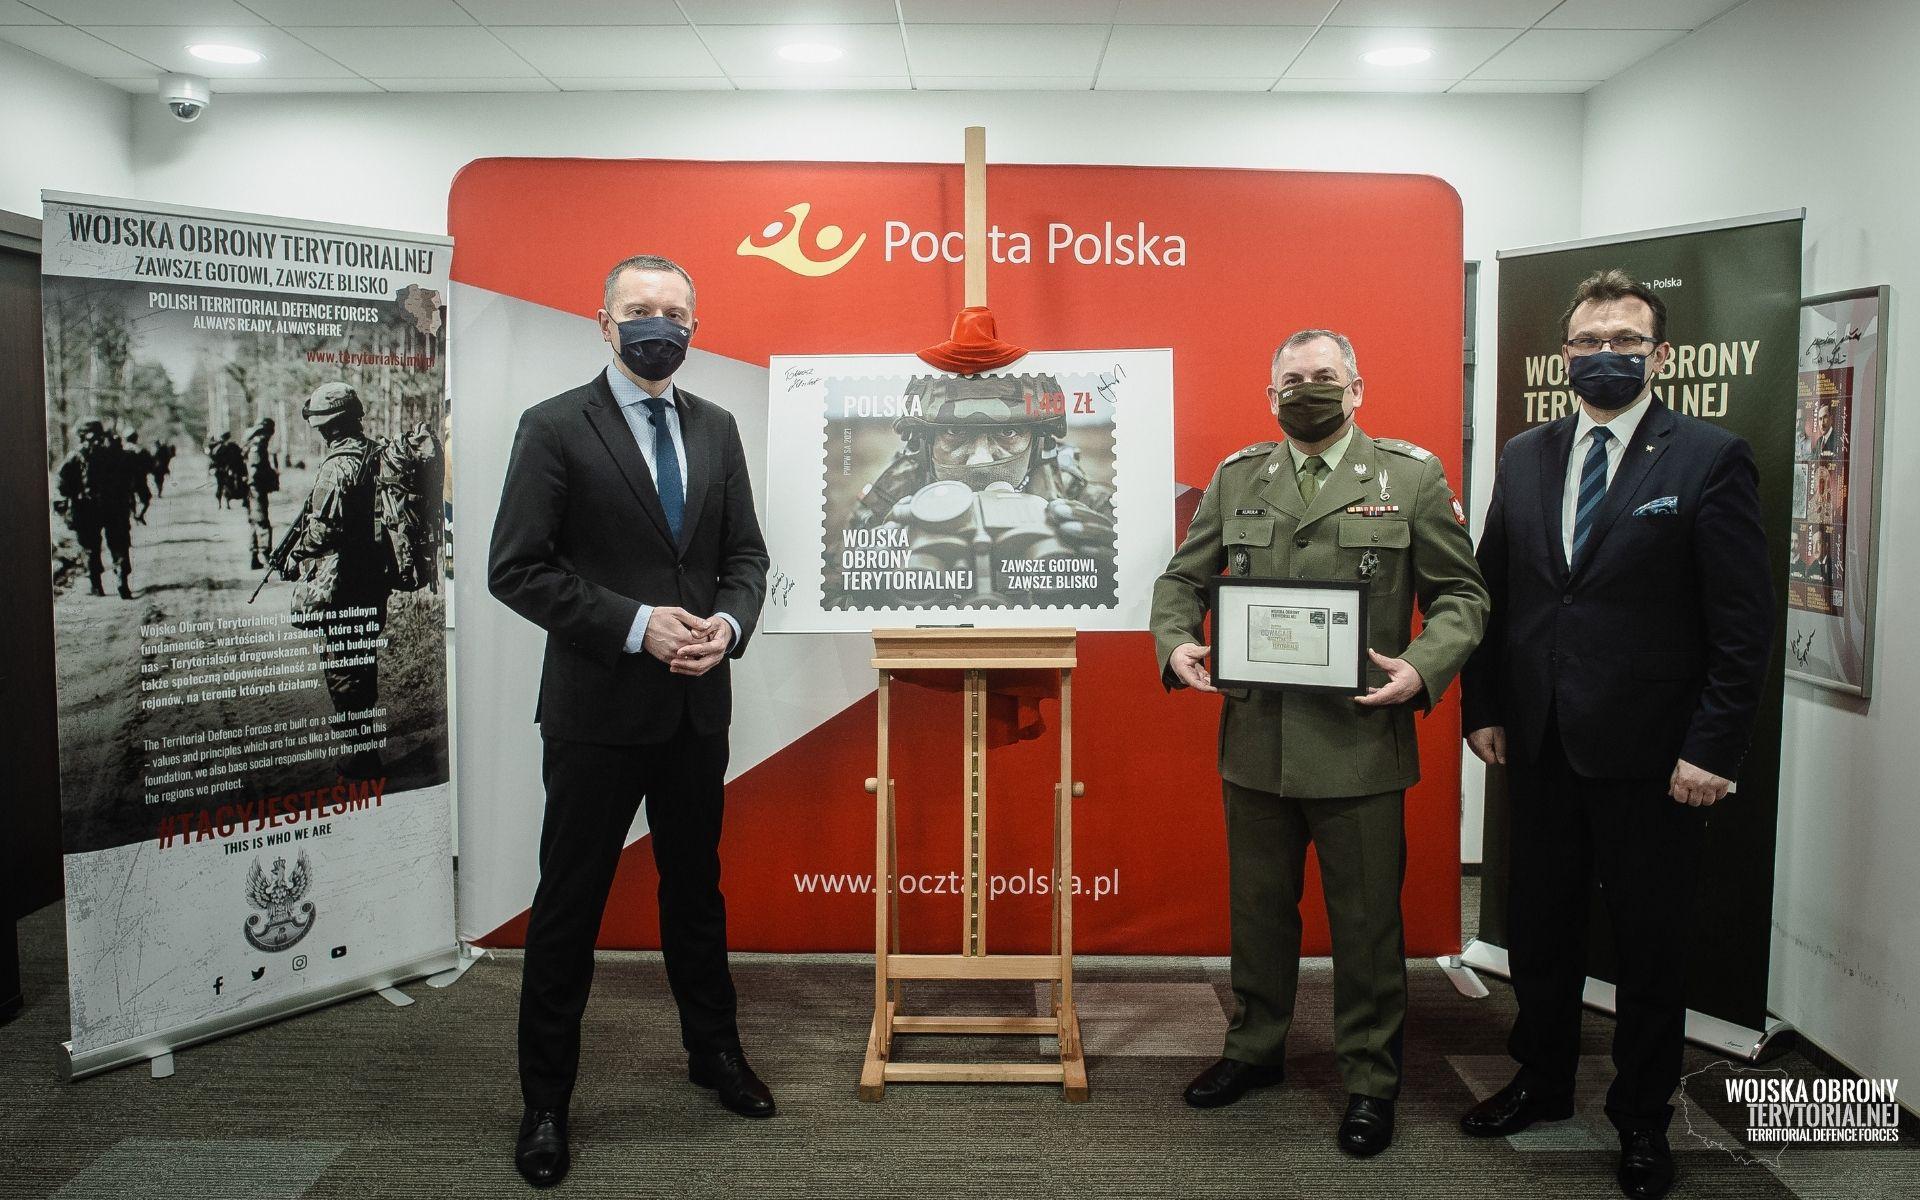 prezentacja znaczka wot 2 Terytorialsi na znaczkach Poczty Polskiej